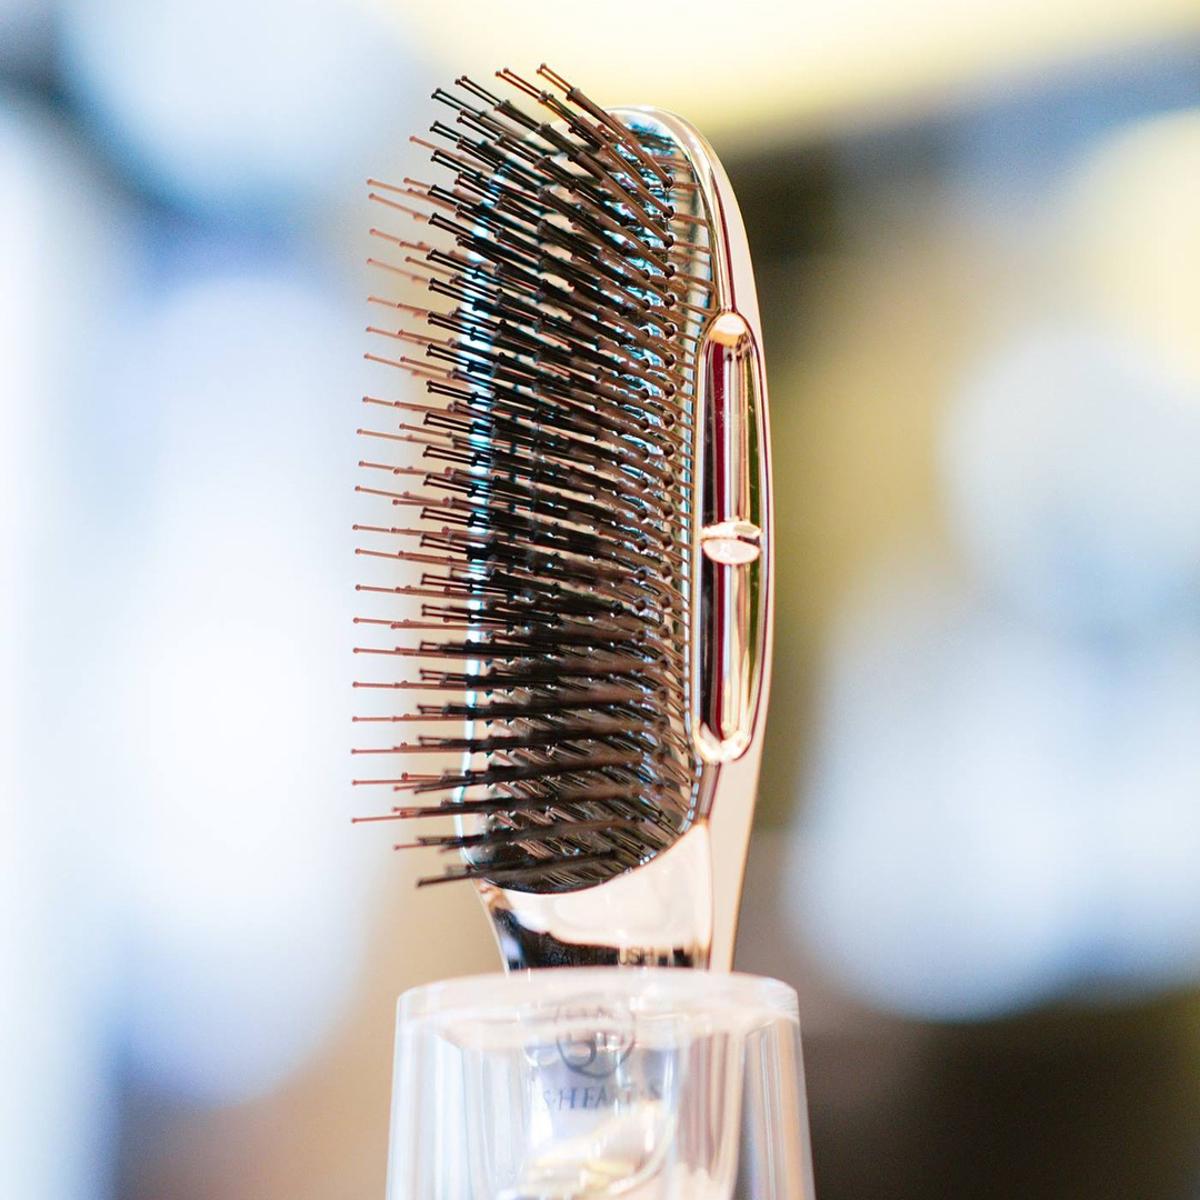 髪に自信を与える「ヘアブラシ」|シャンプー時、毛穴の汚れを落とす376本のピン